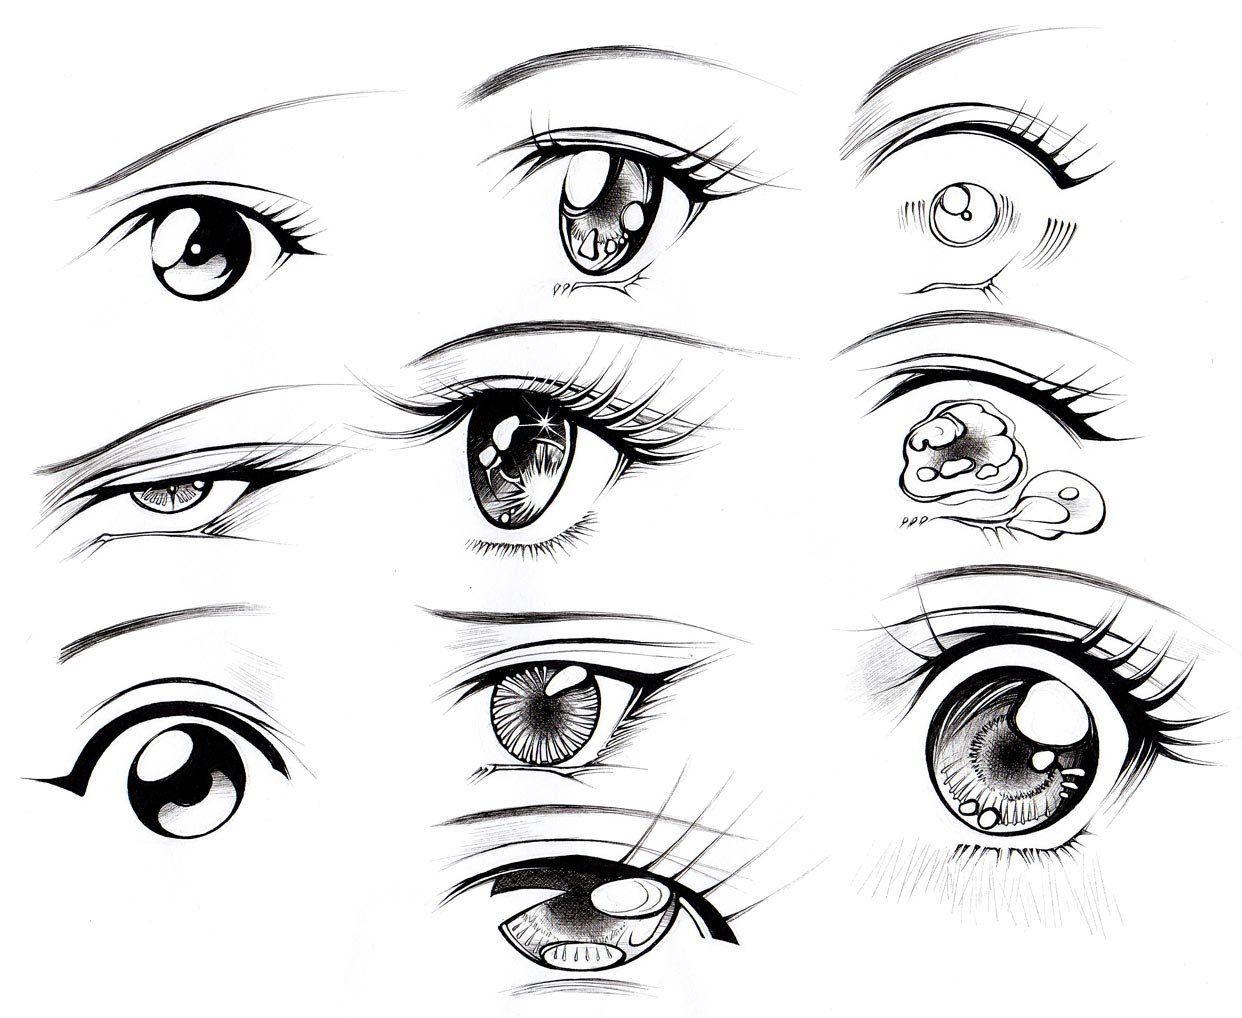 Kanji De Manga Vol 3 Cover Image Anime Eye Drawing Anime Eyes Eye Drawing